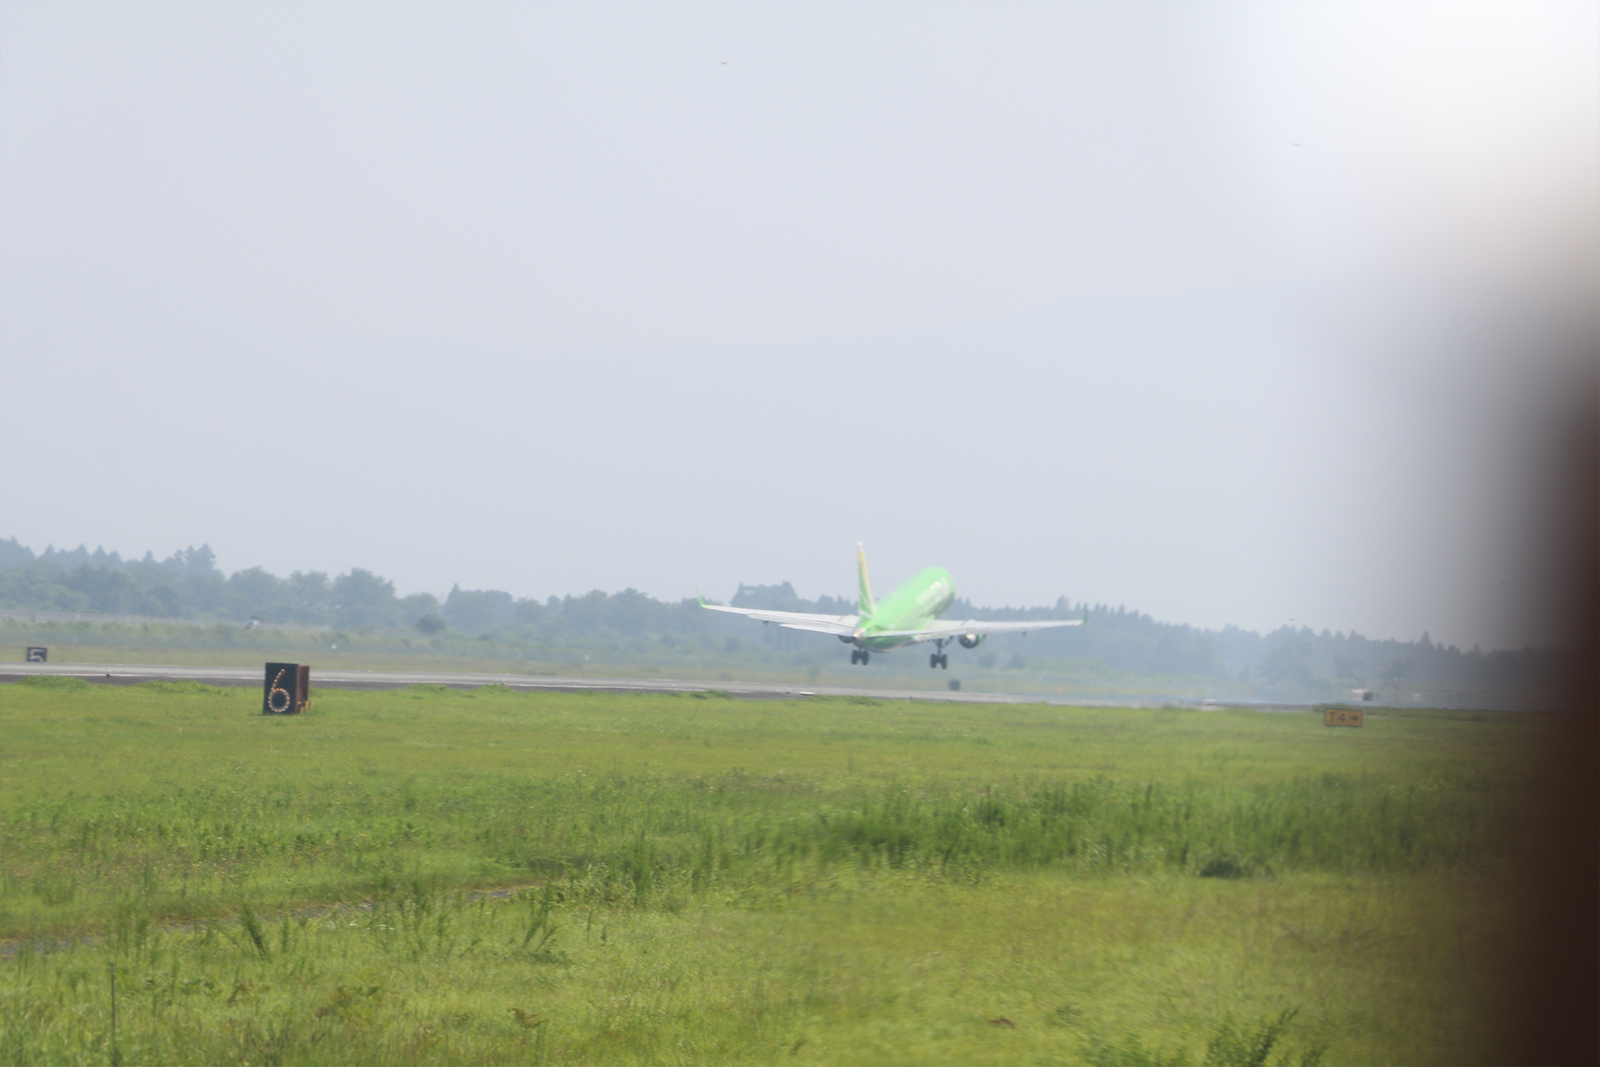 1機のジェット機が今度は離陸